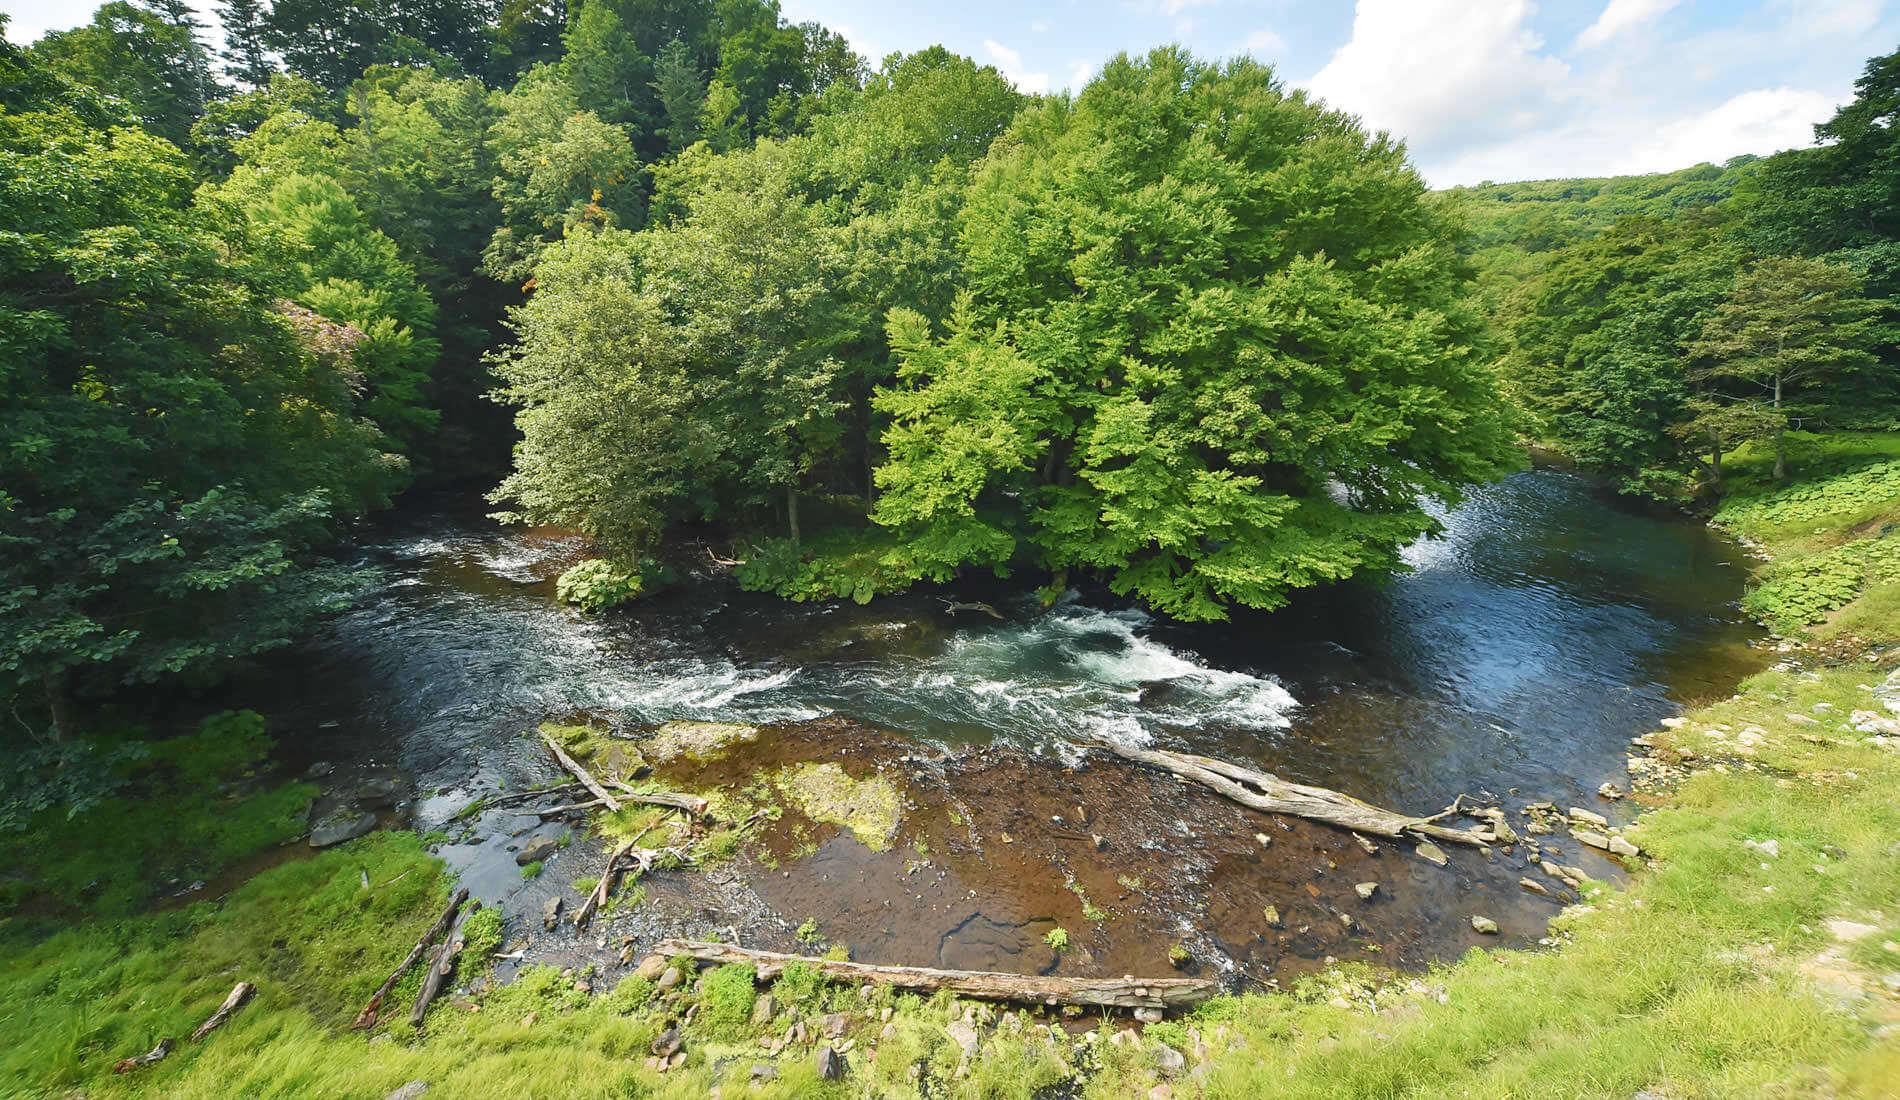 ありのままの自然にいだかれてここは、ただ川と温泉があるだけの森。